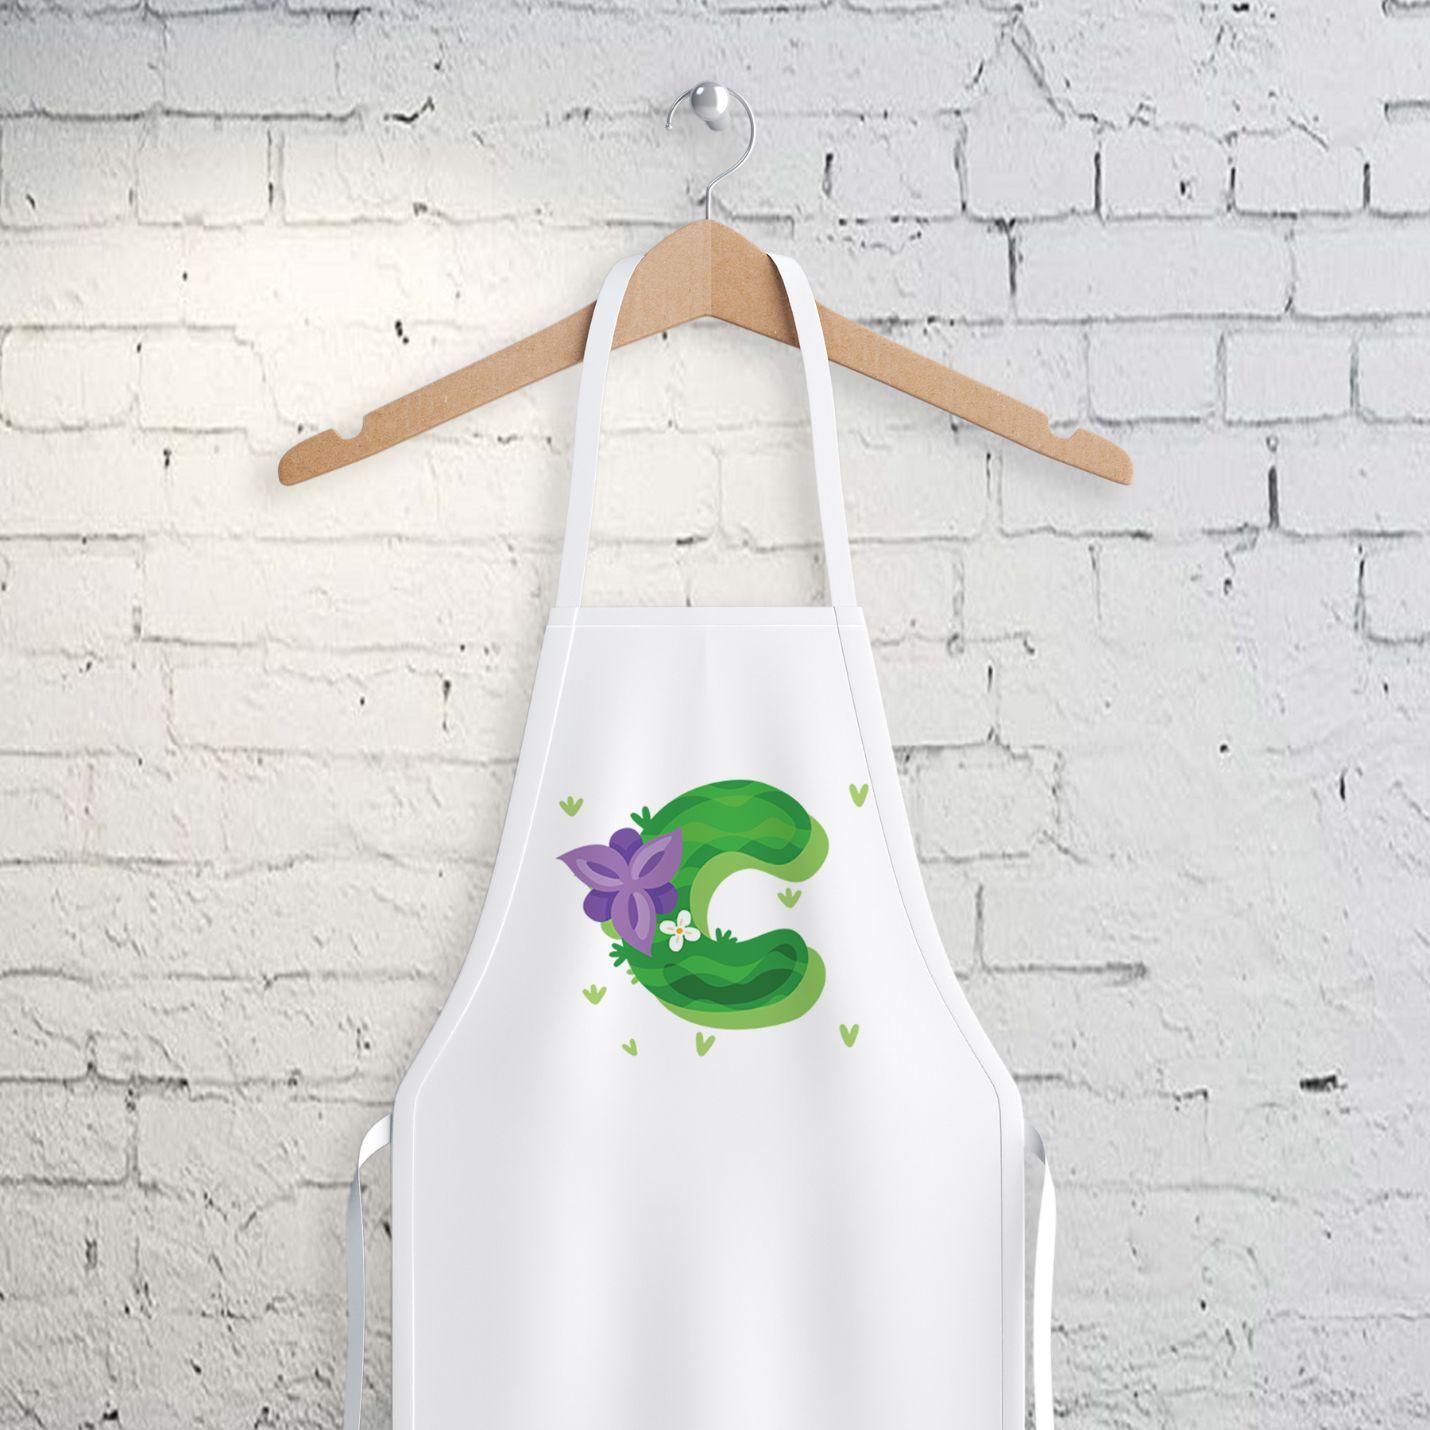 C Harfi Tasarımlı Mutfak Önlüğü